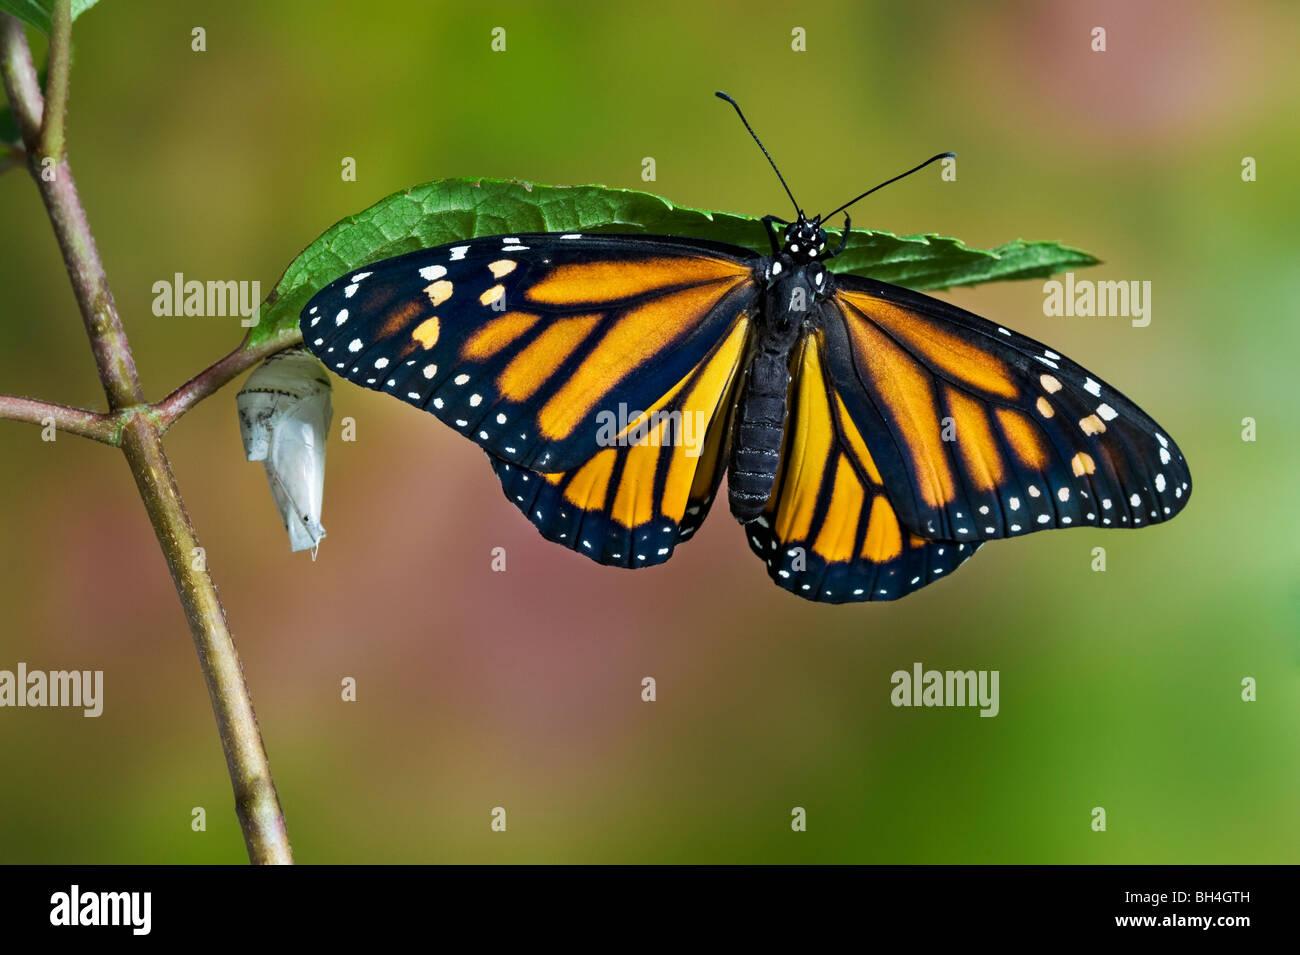 Farfalla monarca adulto emerso dal bozzolo, sulla lamina accanto a vuoto crisalide ali di essiccazione, Nova Scotia. Immagini Stock